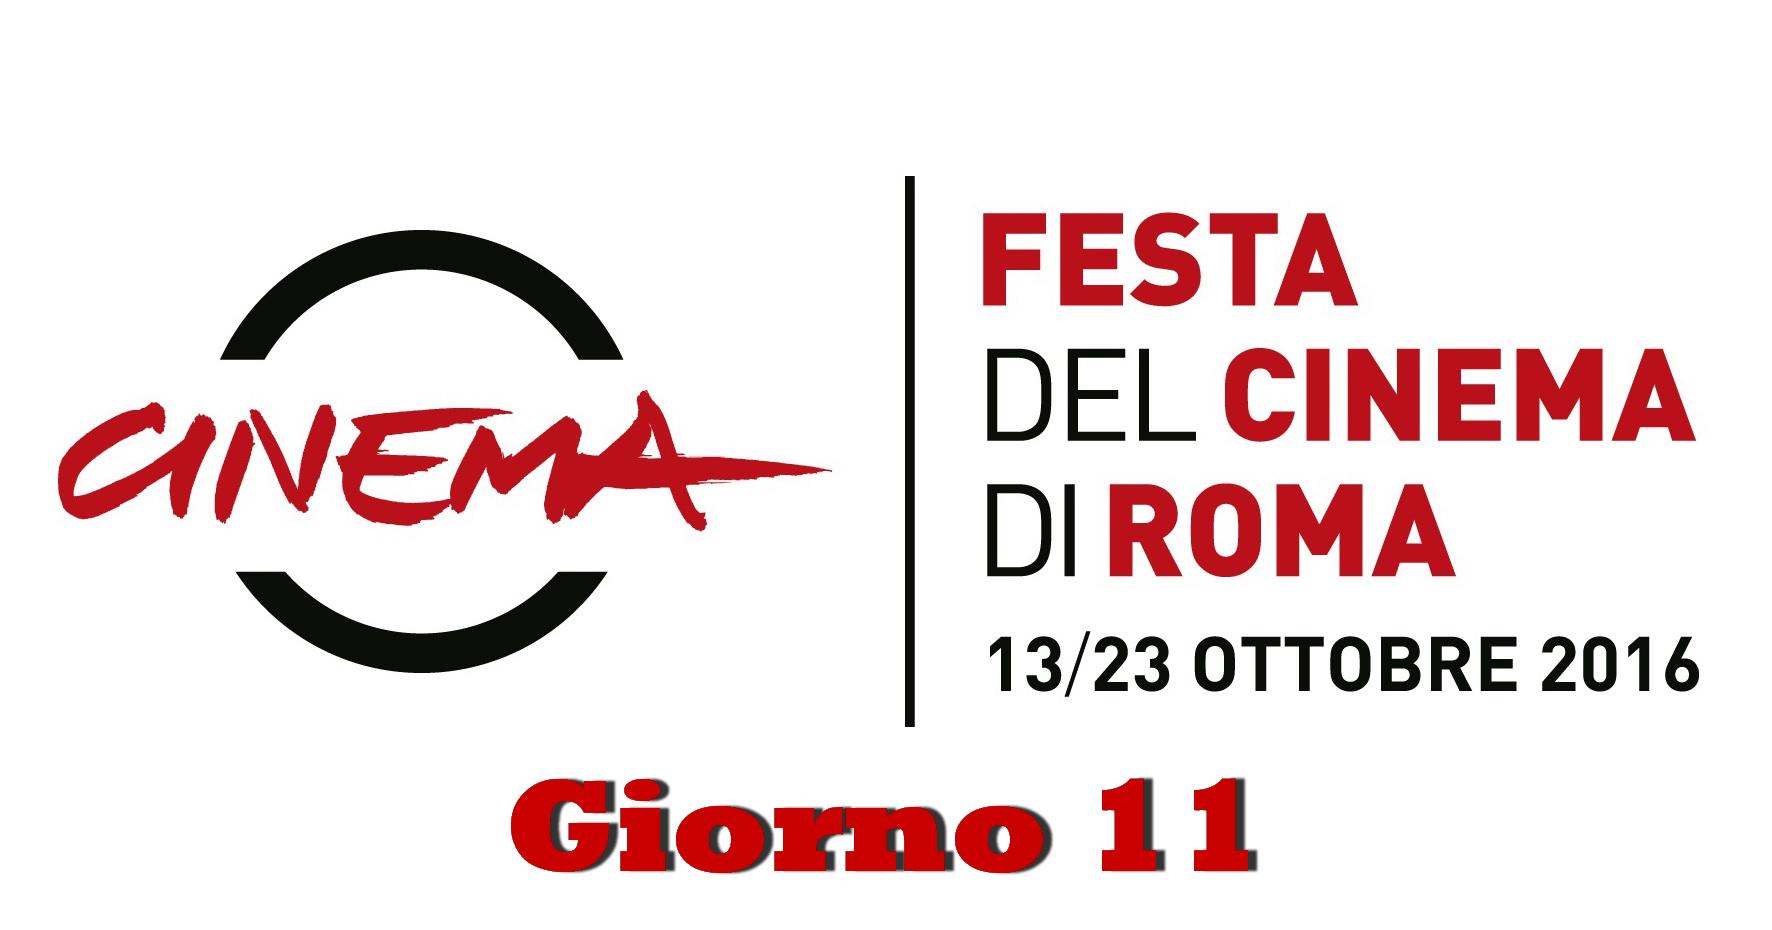 Si è conclusal'11a edizione della Festa del Cinema di Roma, con gli ultimi incontri e proiezioni. E' stato il grande giorno diRoberto Benigni, protagonista sul red carpet e nell'incontro ravvicinato […]